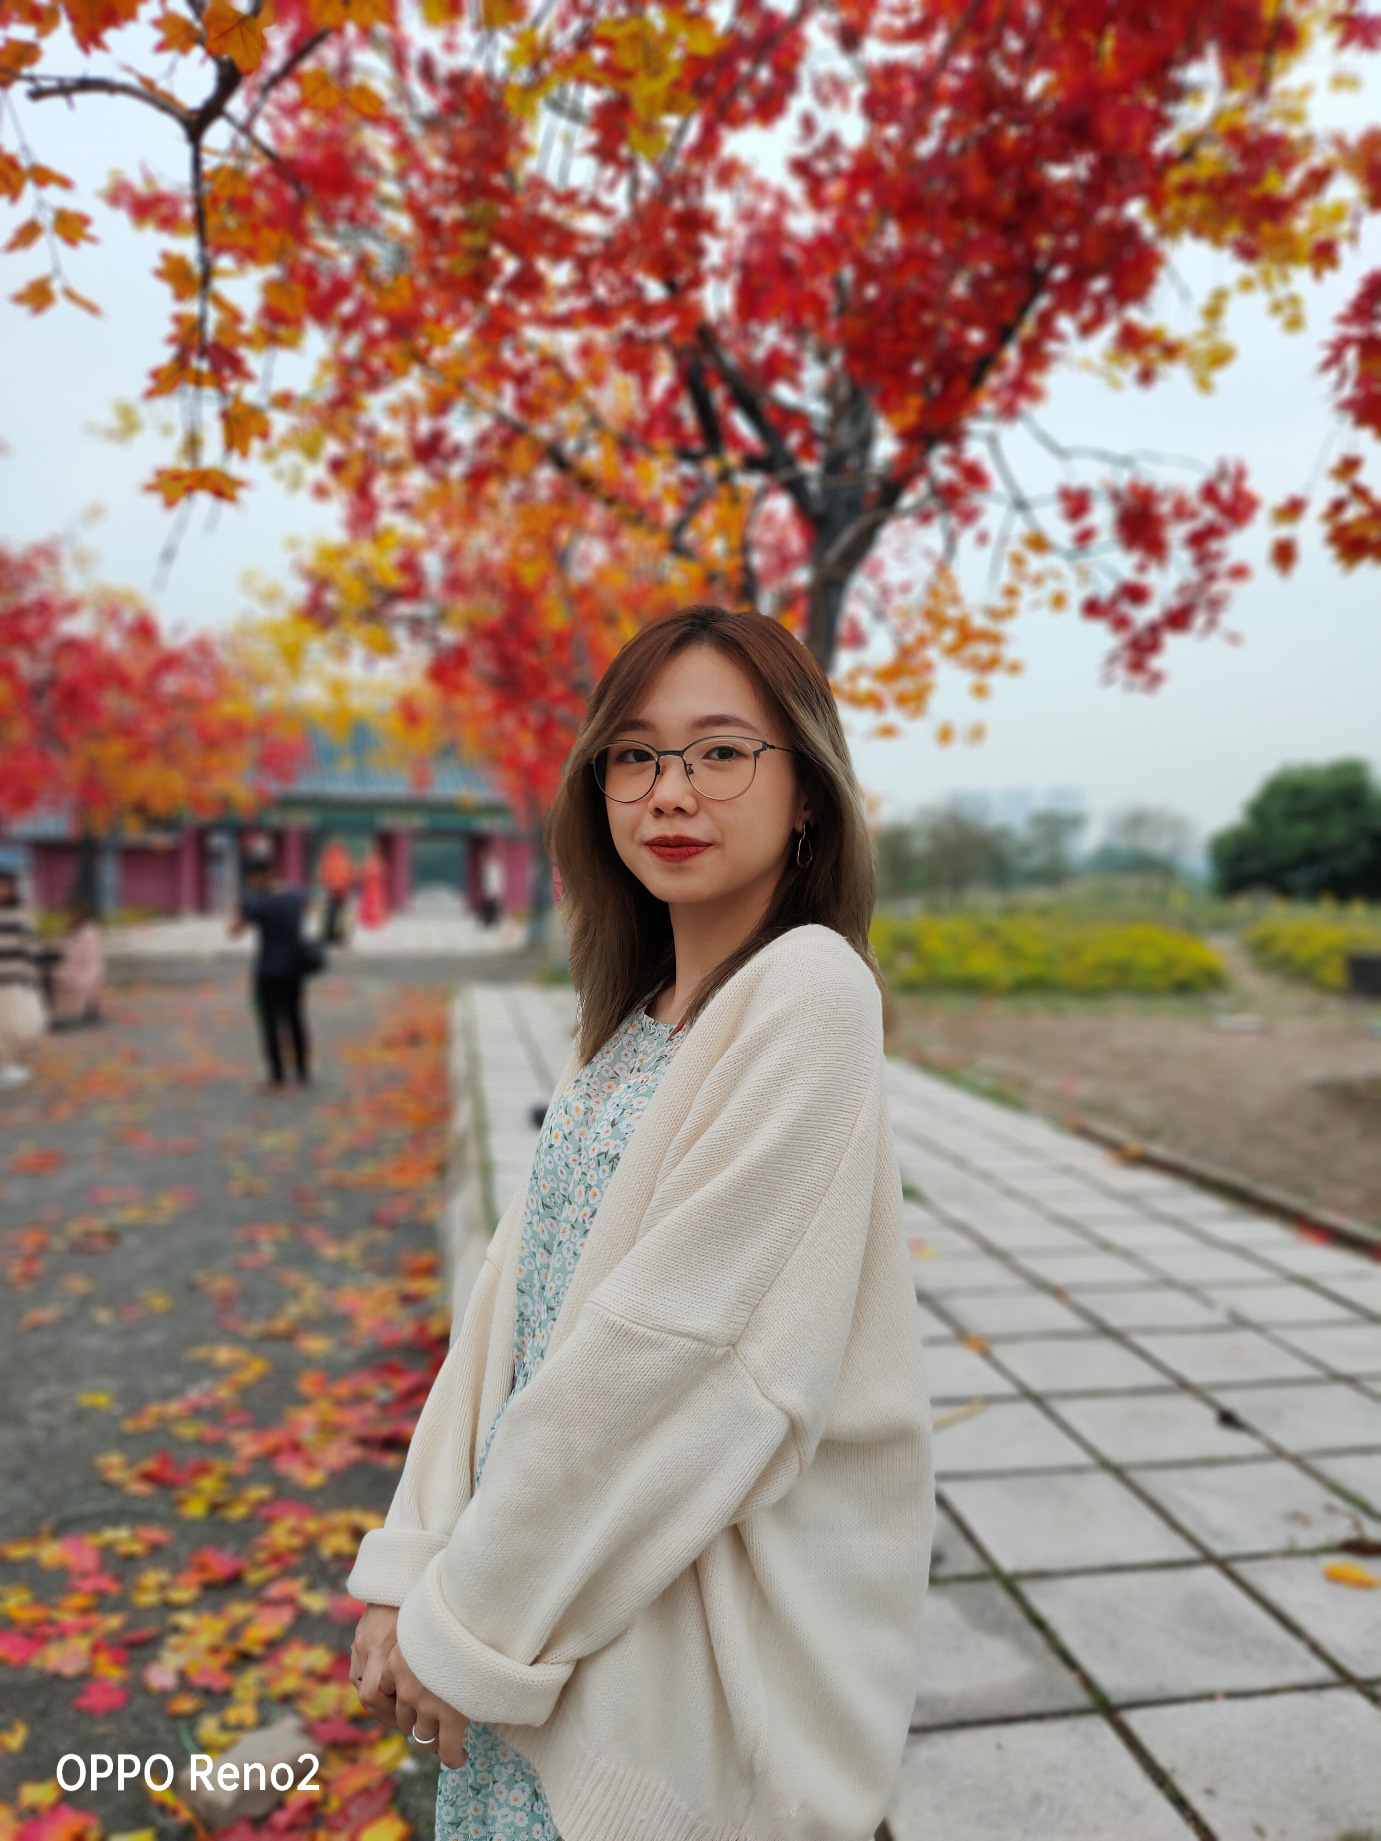 Đi Nhật, Hàn làm gì cho xa khi ở Hà Nội cũng có cảnh lá vàng đẹp đến nao lòng - Ảnh 4.